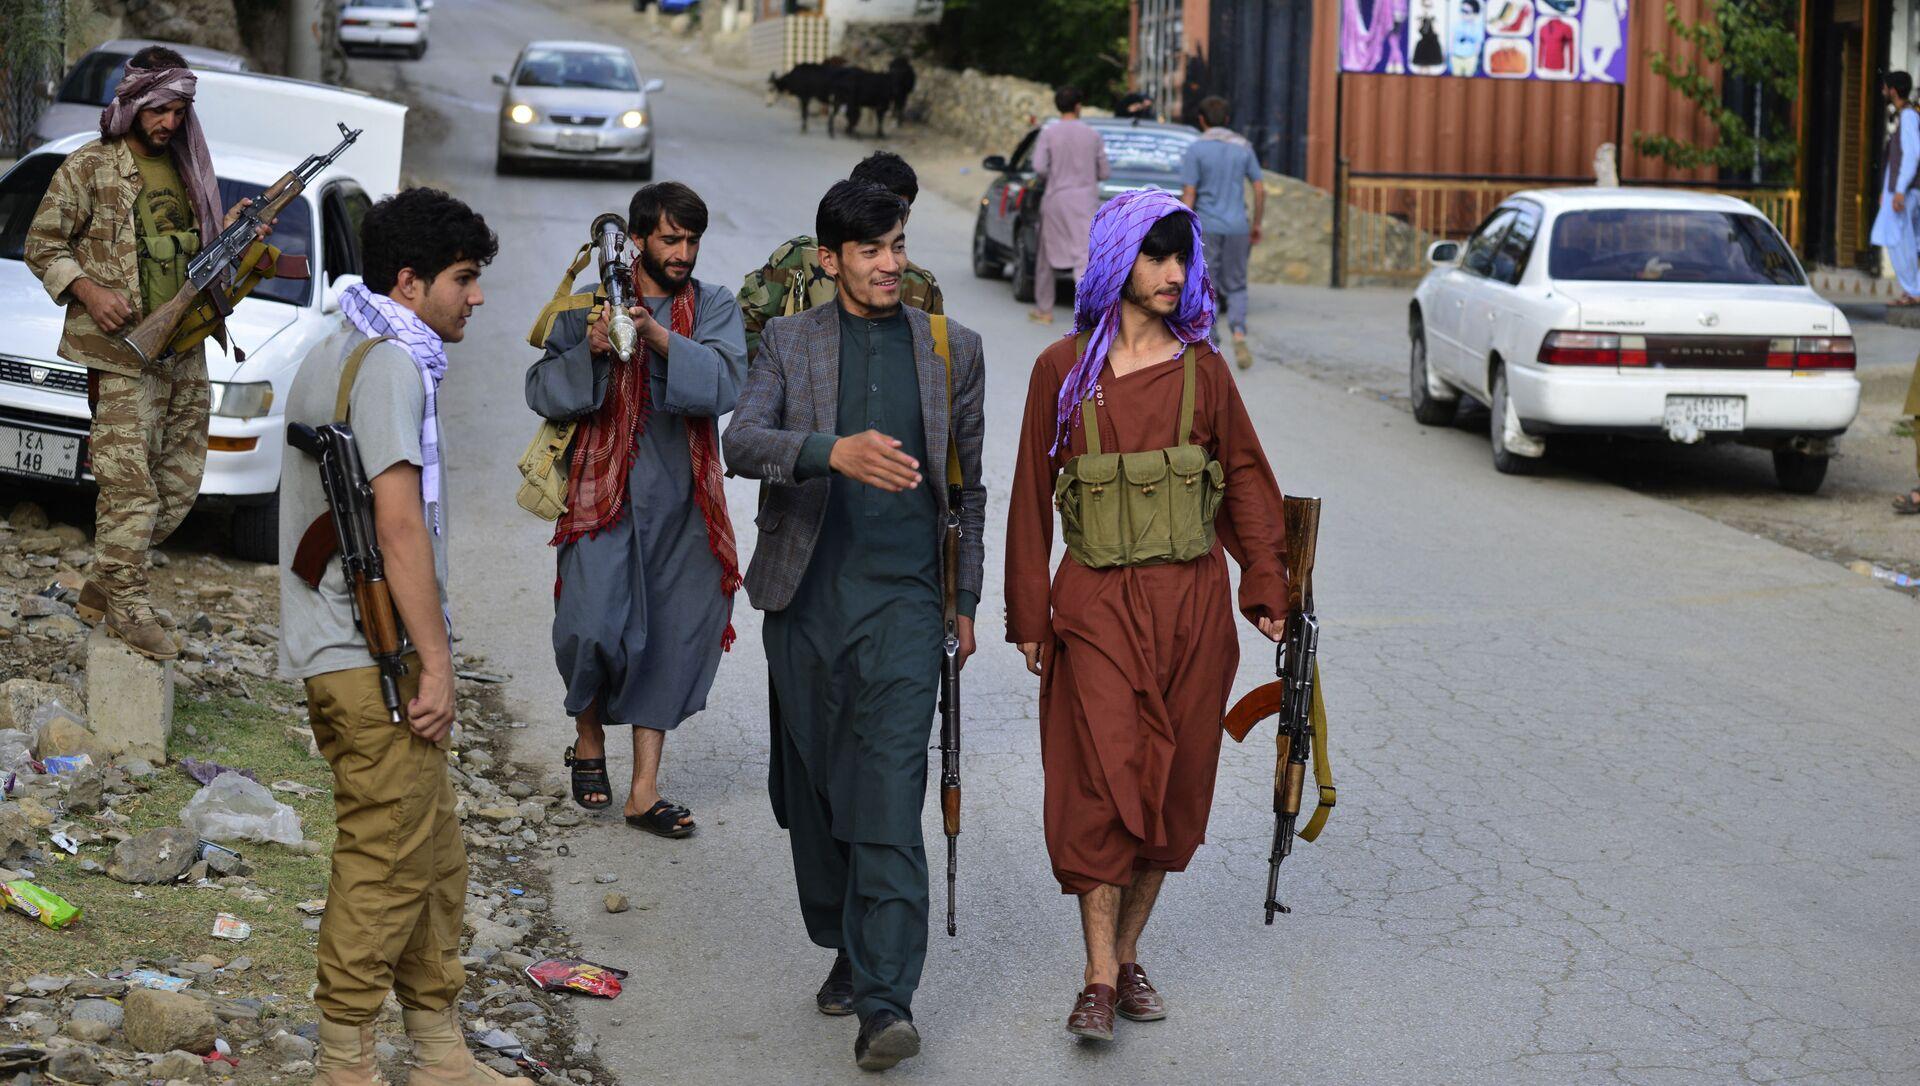 Боевики движения Талибан (террористическая группировка, запрещеннфая в РФ) в Кабуле, 18 авгутса 2021 года - Sputnik Азербайджан, 1920, 26.08.2021